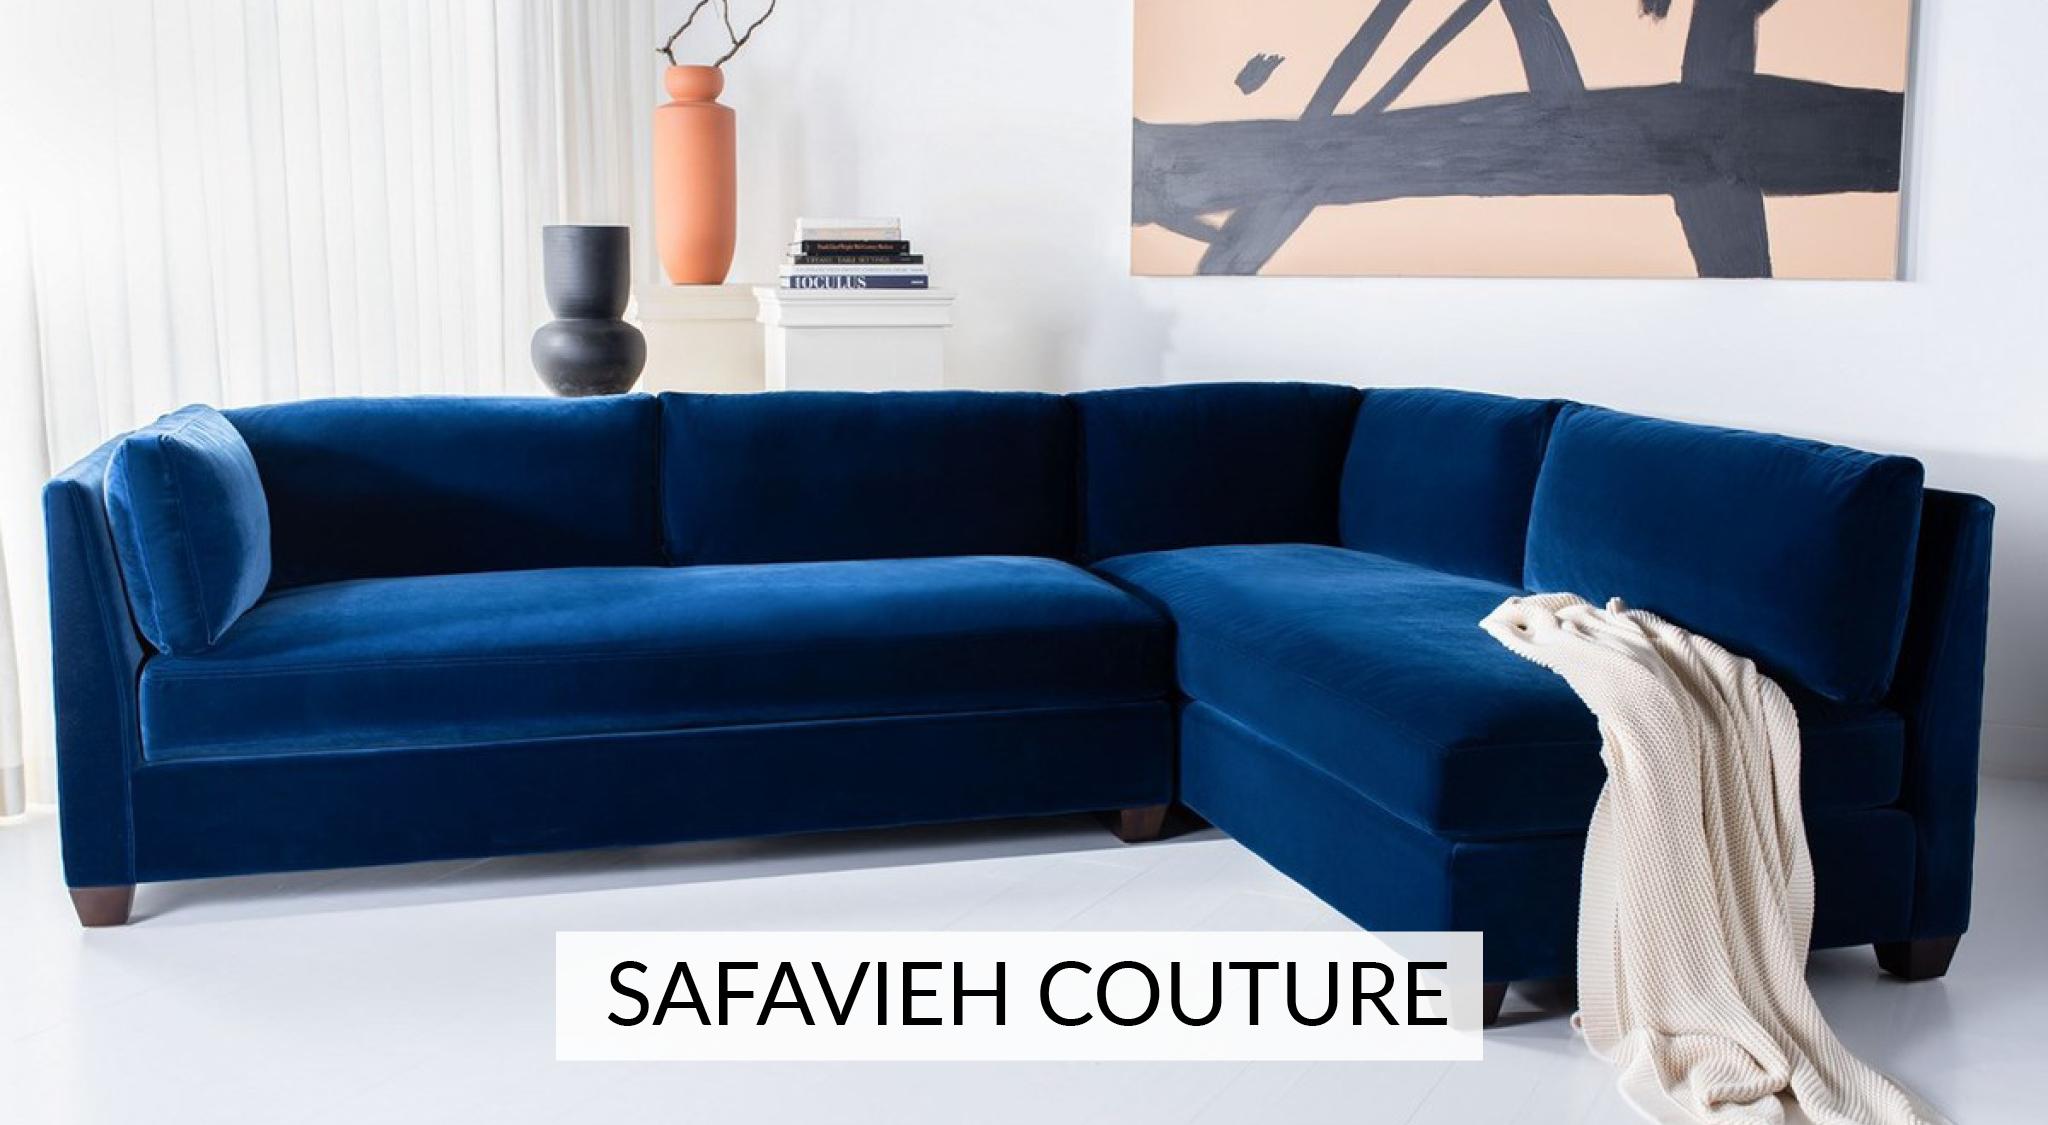 Safavieh Couture